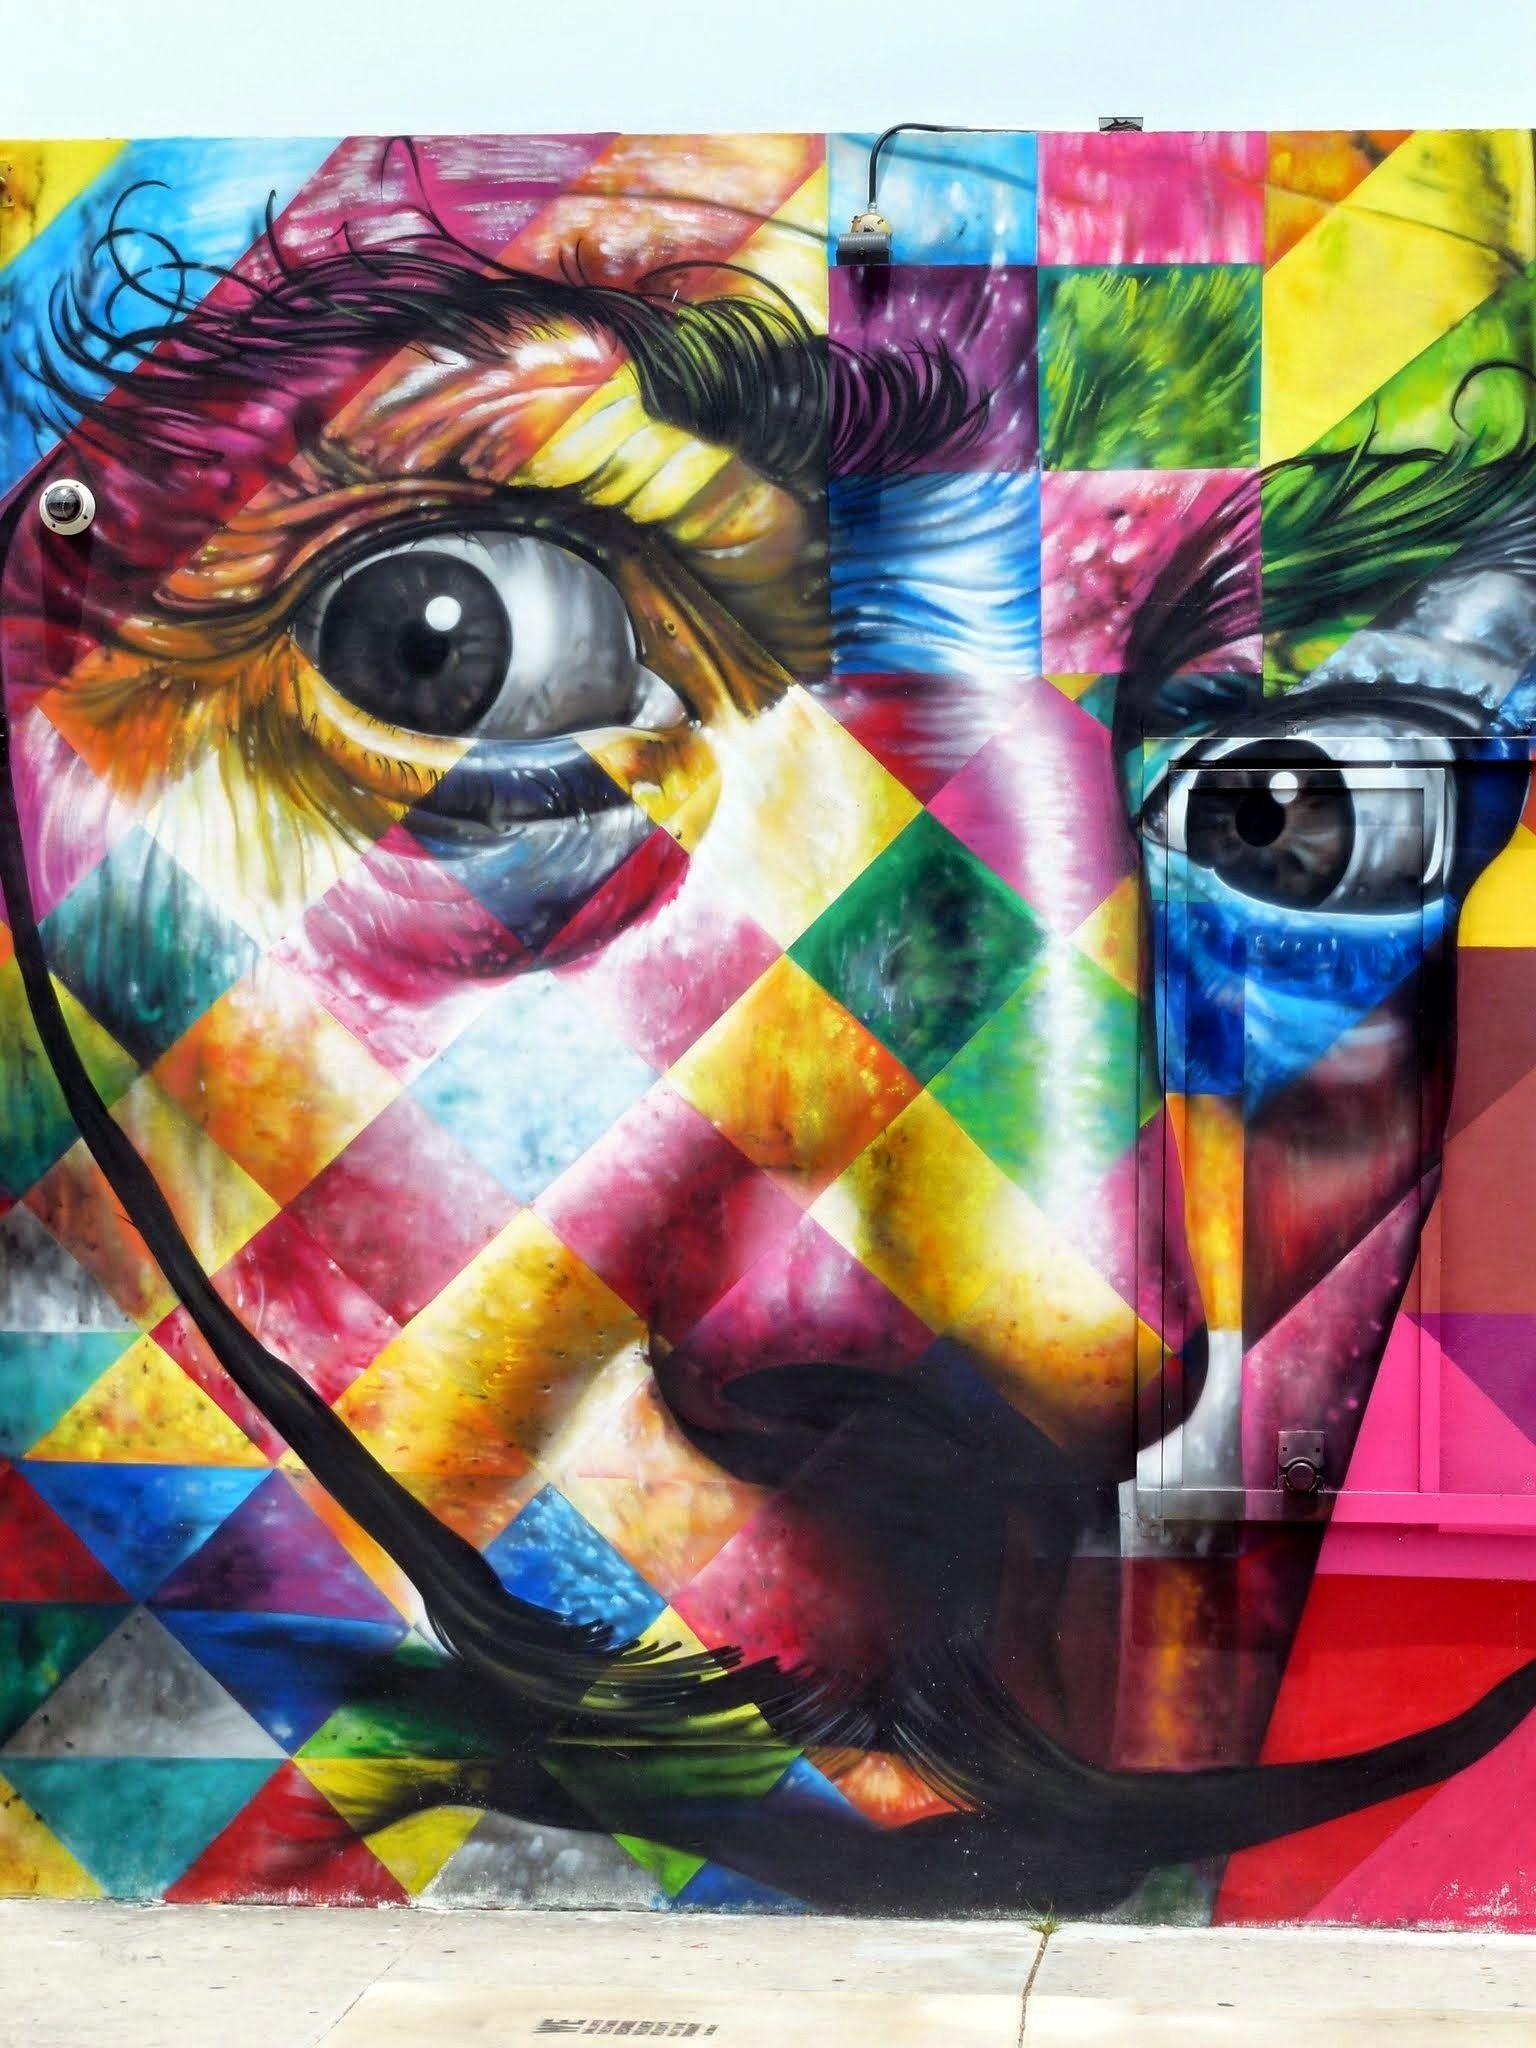 Lartiste Bresilien Eduardo Kobra A Marque Par Son Empreinte Coloree Le Art Basel  Et La Planete De Lart Urbain Toute Entiere Avec Cette Fresque